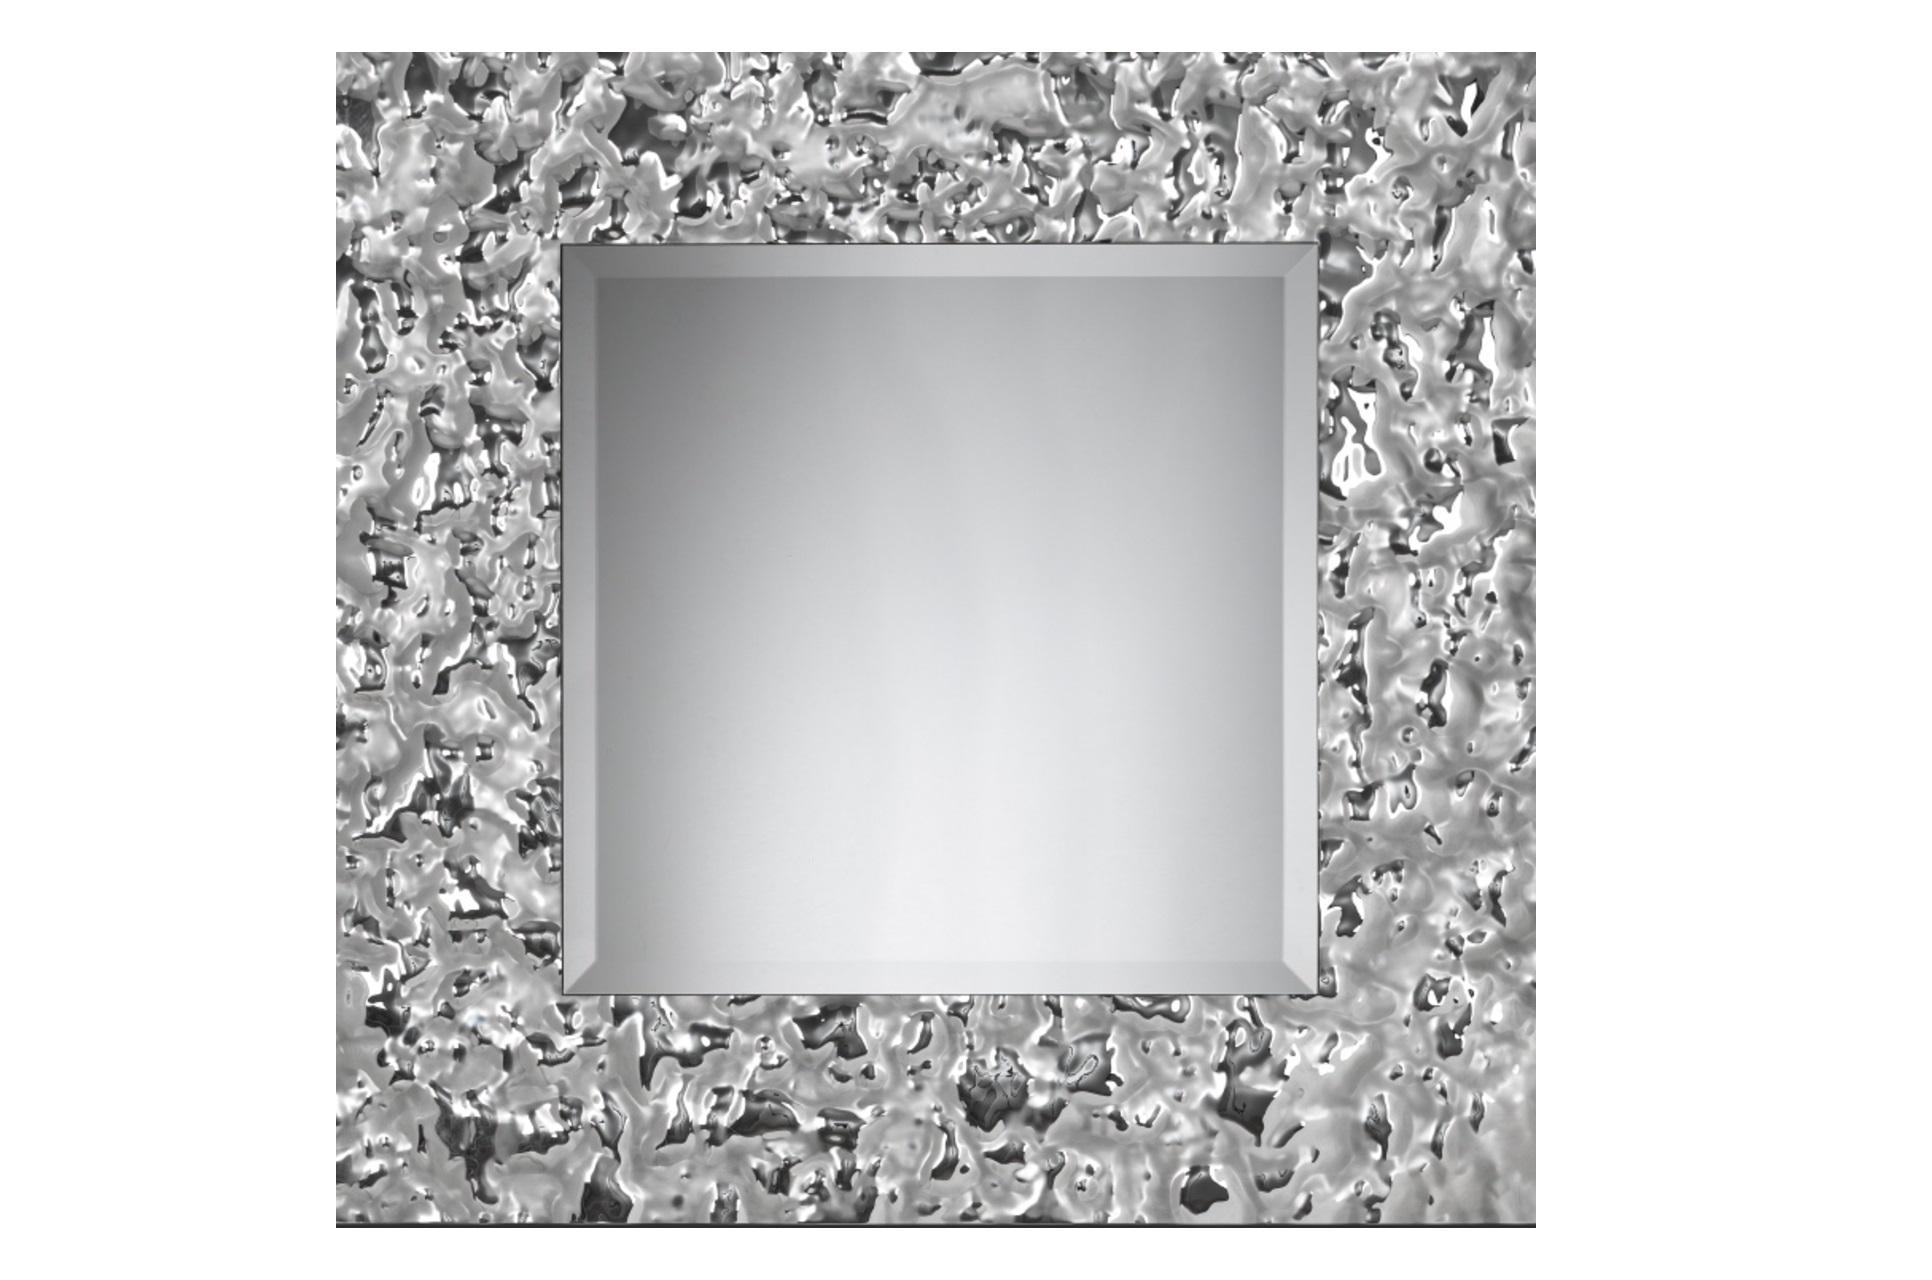 Зеркало Квадрат VentoНастенные зеркала<br>Квадратное зеркало в величественном обрамлении из стекла легко станет предметом гордости в вашем доме. Зеркало само по себе – уже эффектный декор. А уж если это, квадратное зеркало от Plusobject, то речь идет об уникальном продукте талантливых дизайнеров — братьев Фомичевых.  Обрамление зеркала имитирует поверхность воды на ветру, застывшую на долю секунды .  Зеркало в собранном виде и в комплекте есть крепления.<br><br>Material: Стекло<br>Width см: None<br>Depth см: 5<br>Height см: None<br>Diameter см: 80